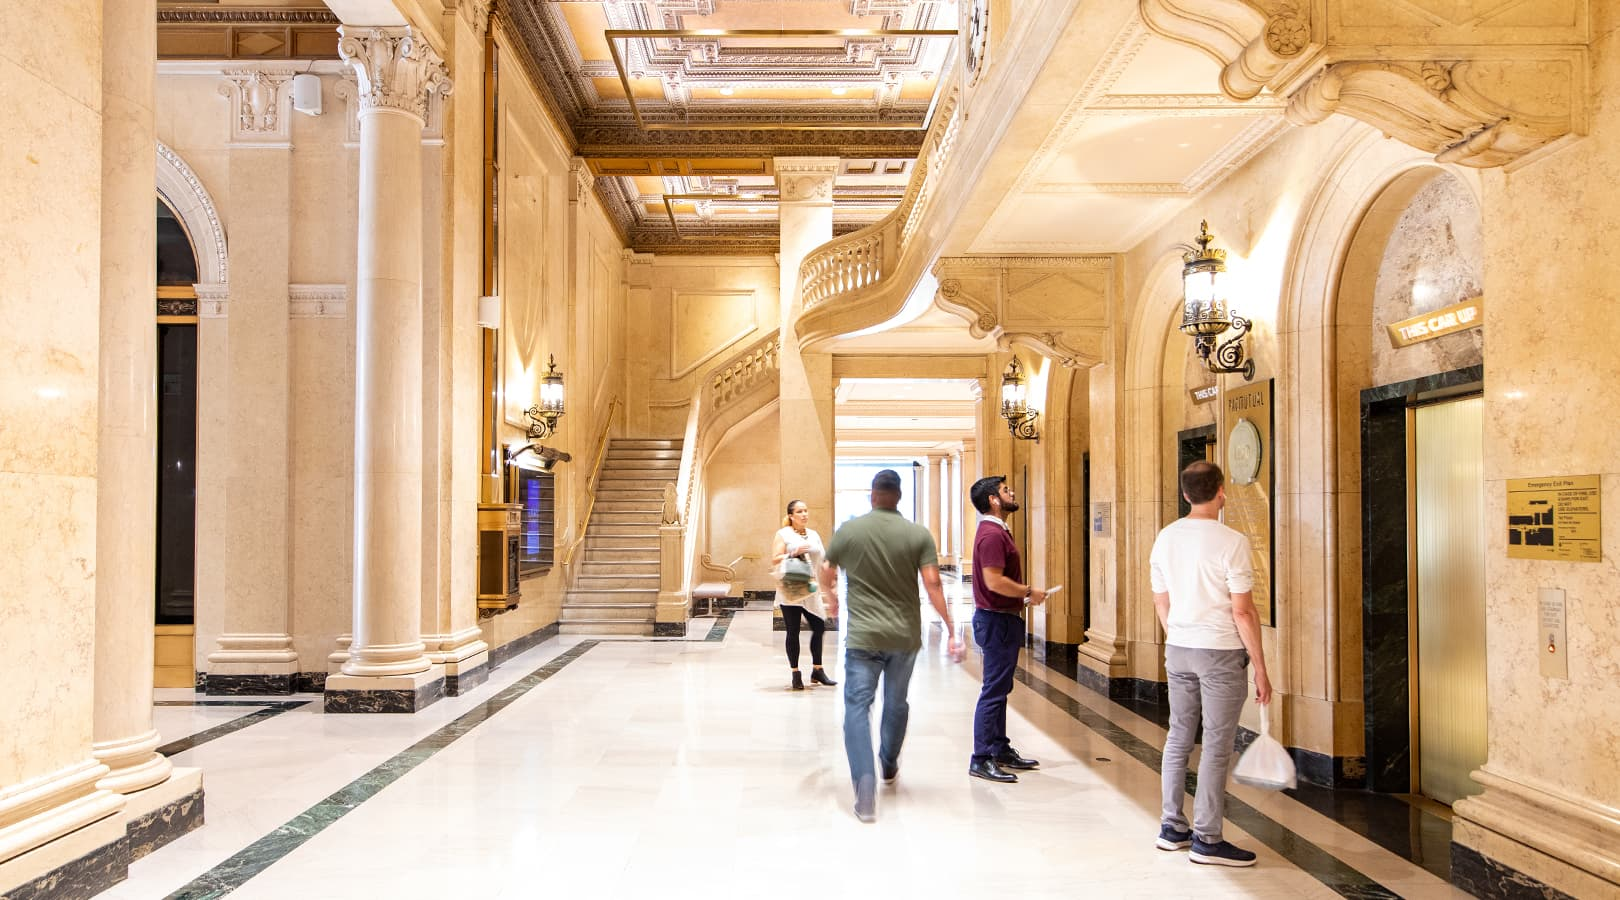 PacMutual Building, Los Angeles Historical Building Interior Pedestrian Wayfinding